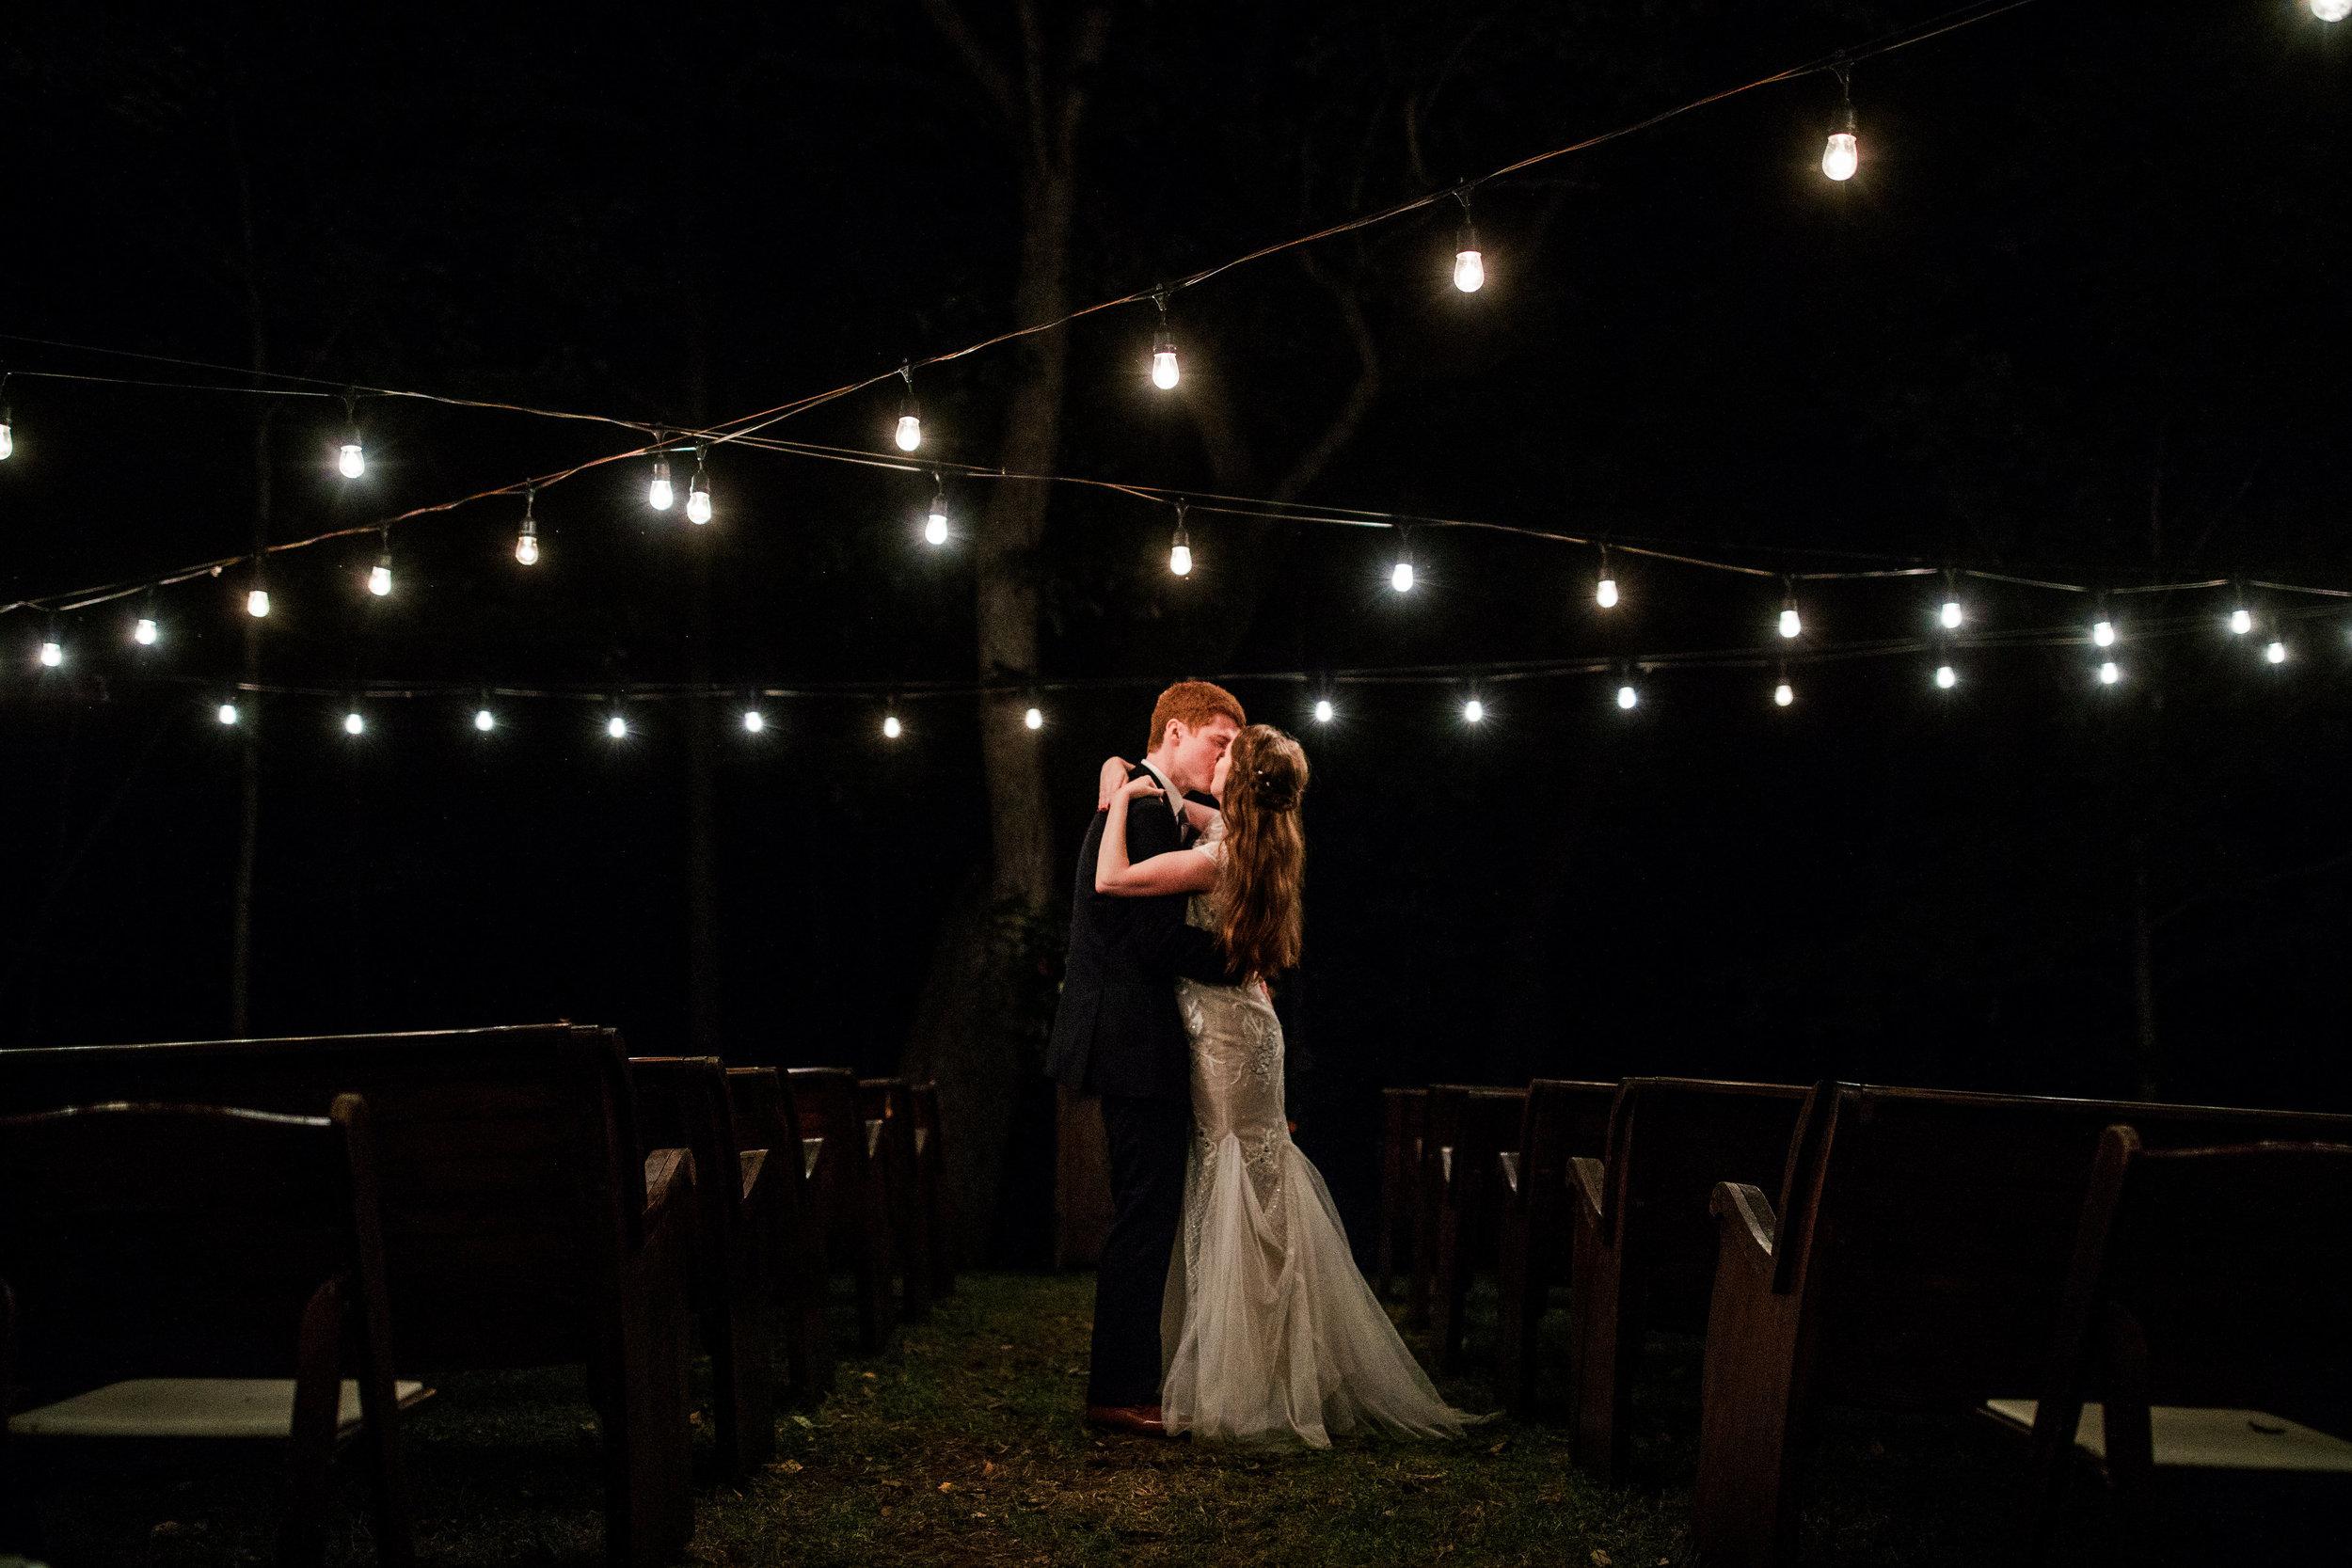 Wrens-Nest-Wedding-Murfreesboro-TN 57.jpg